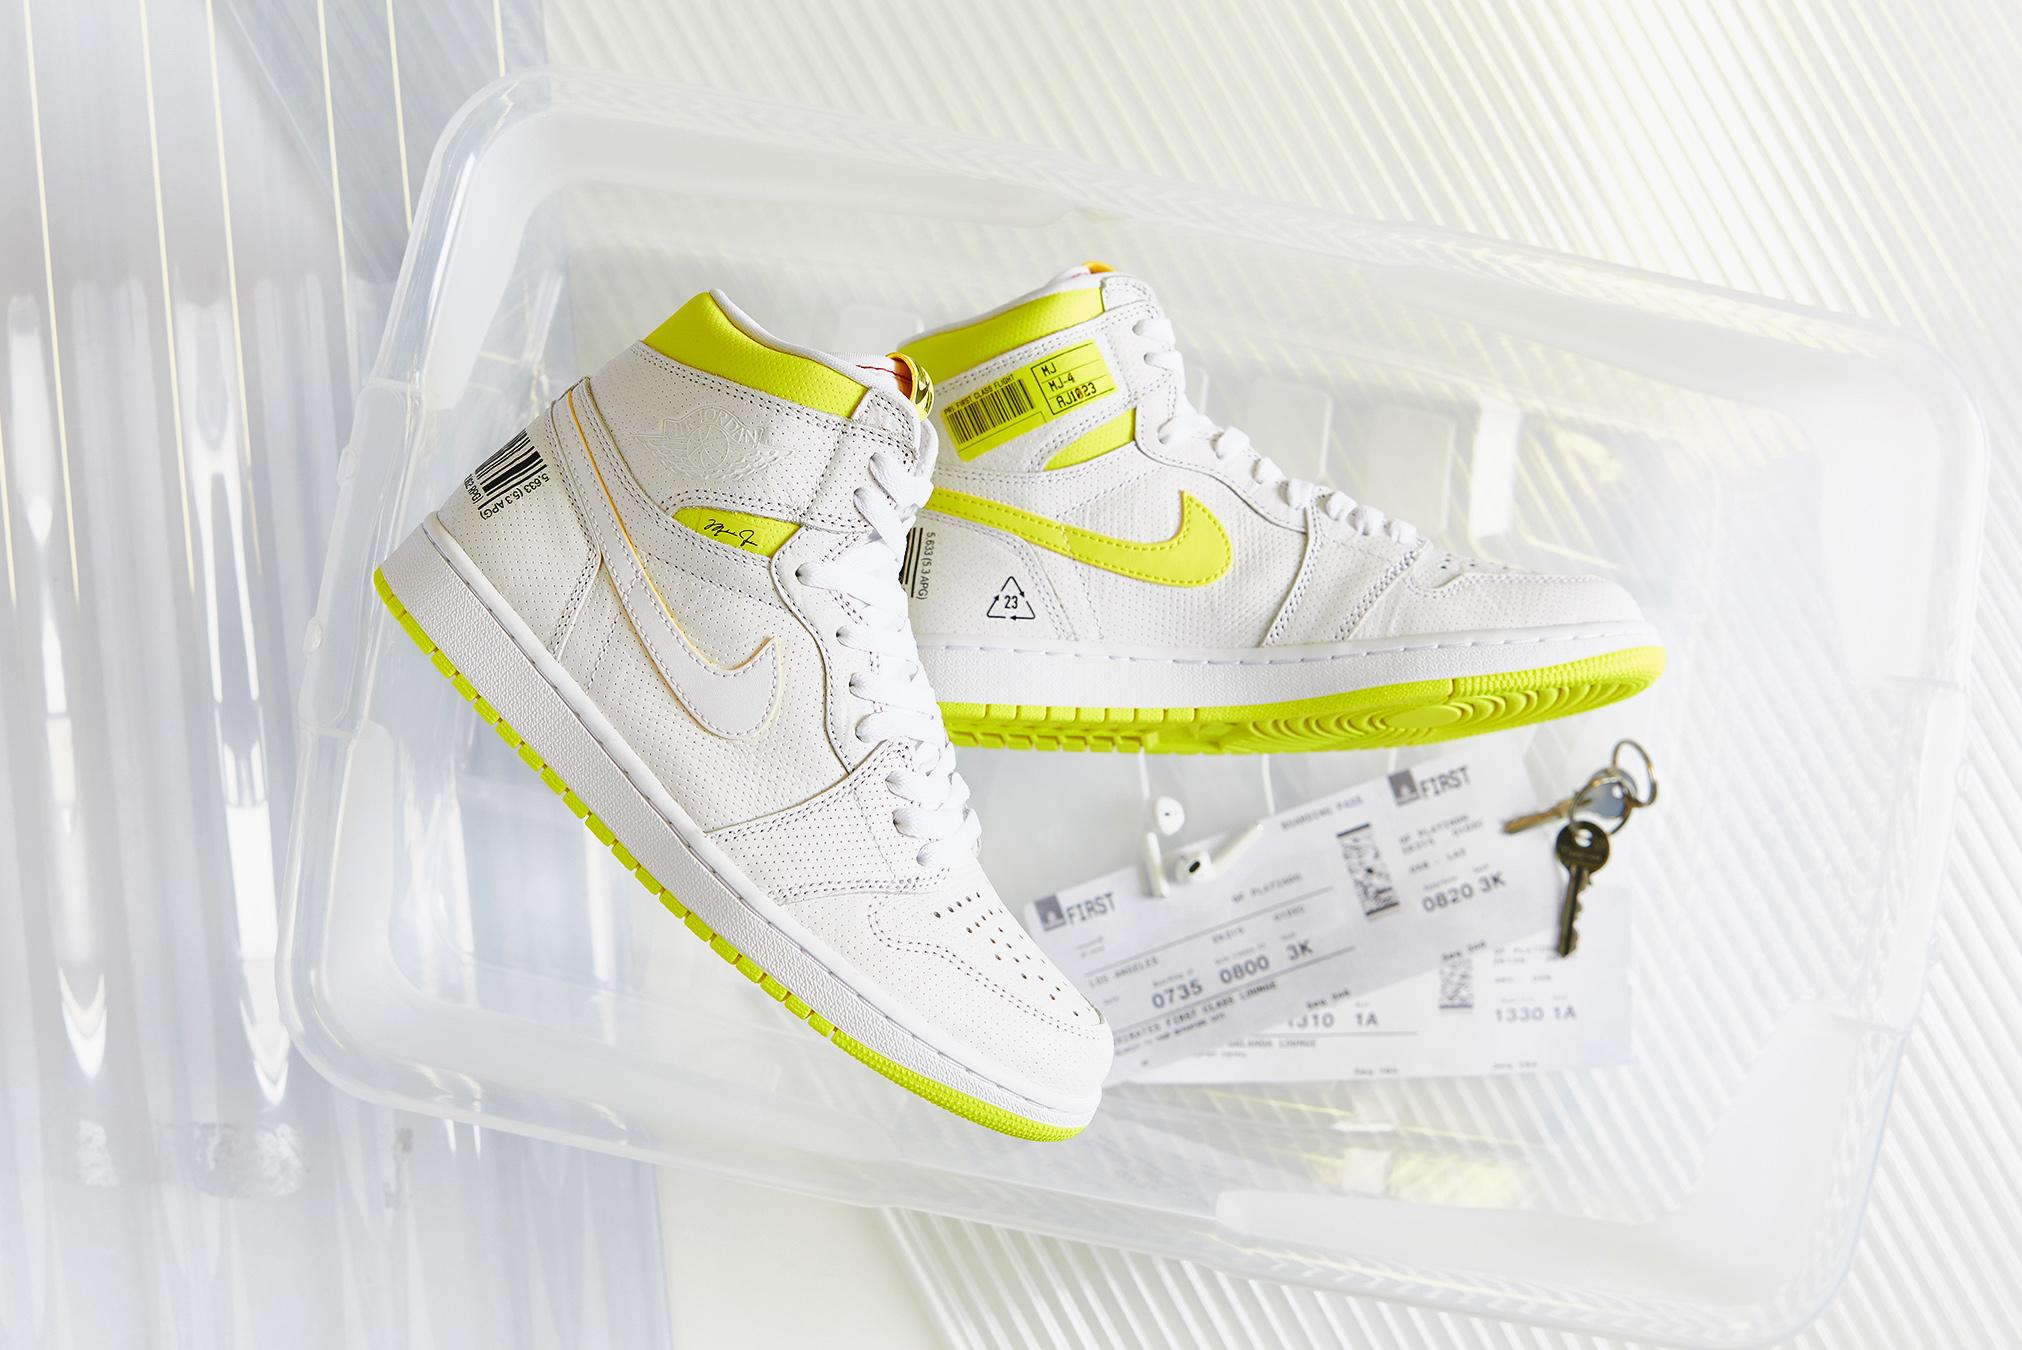 END. Features | Nike Air Jordan 1 Retro High OG 'First Class